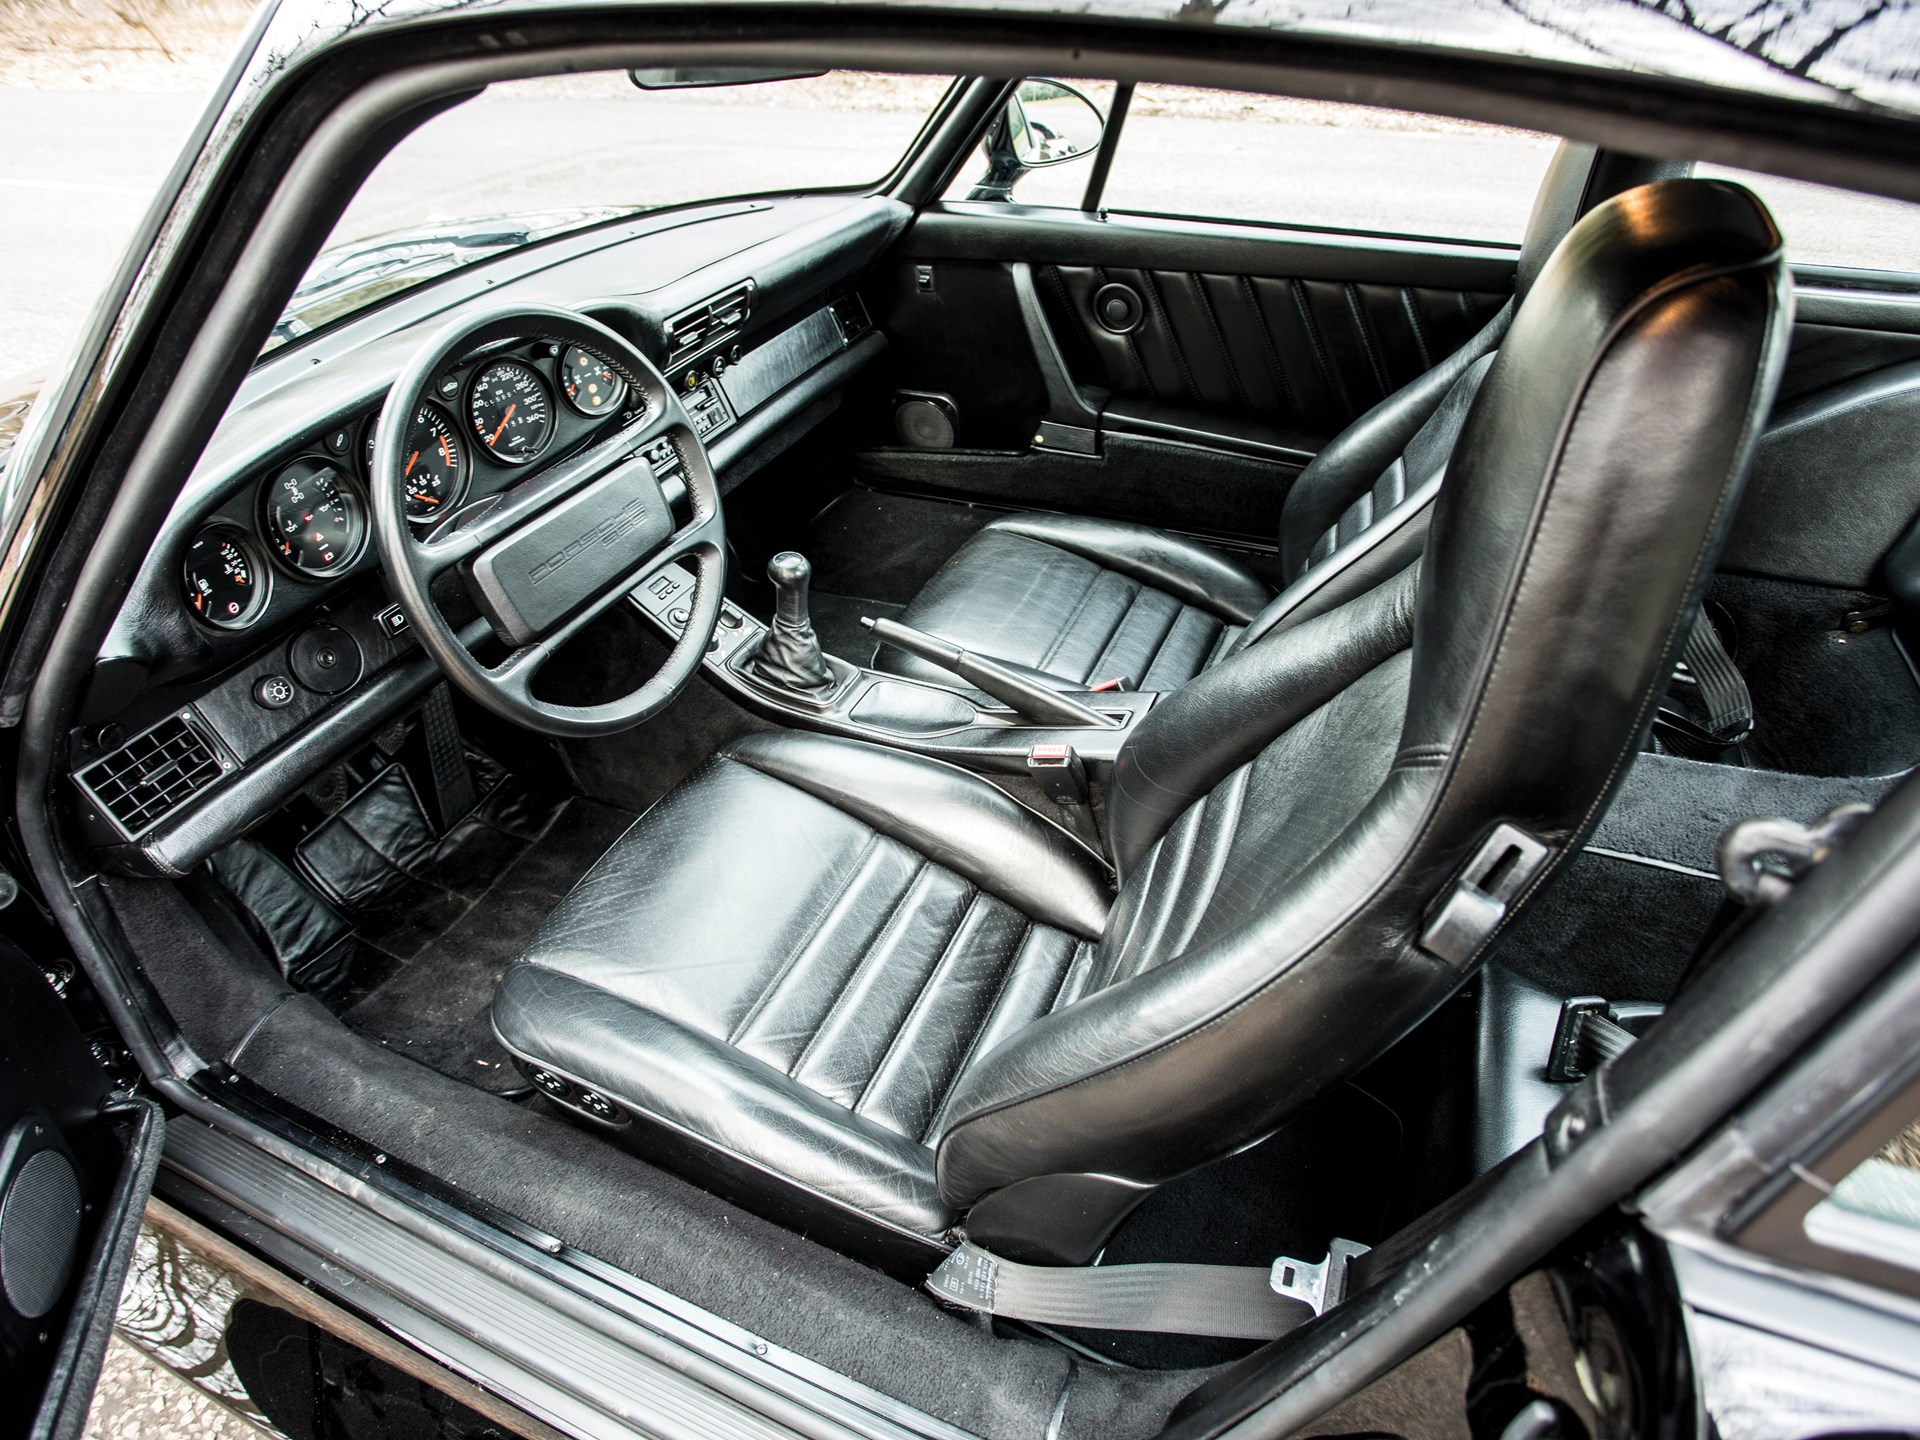 1988 Porsche 959 'Komfort' Stage II